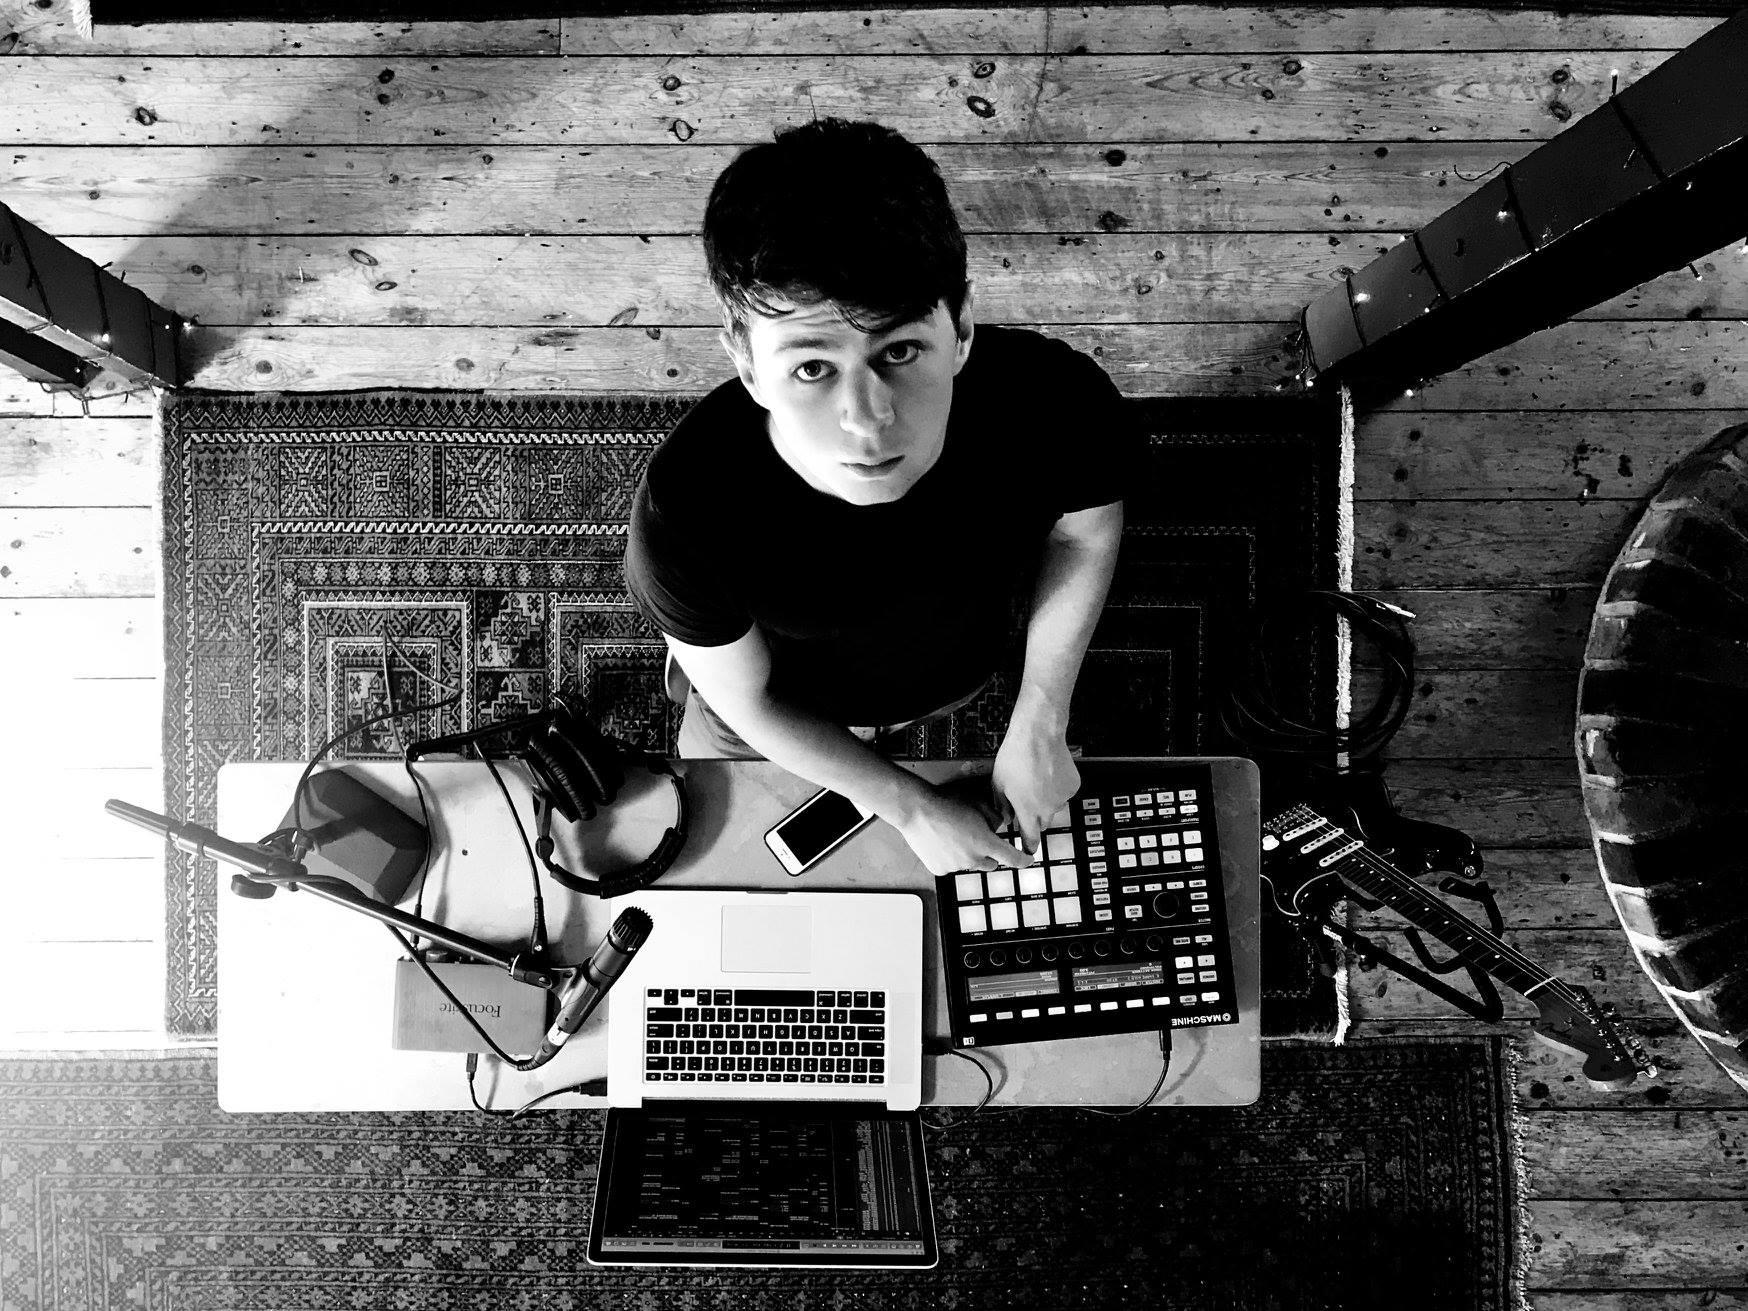 Tarn PK en train de jouer et produire de la musique